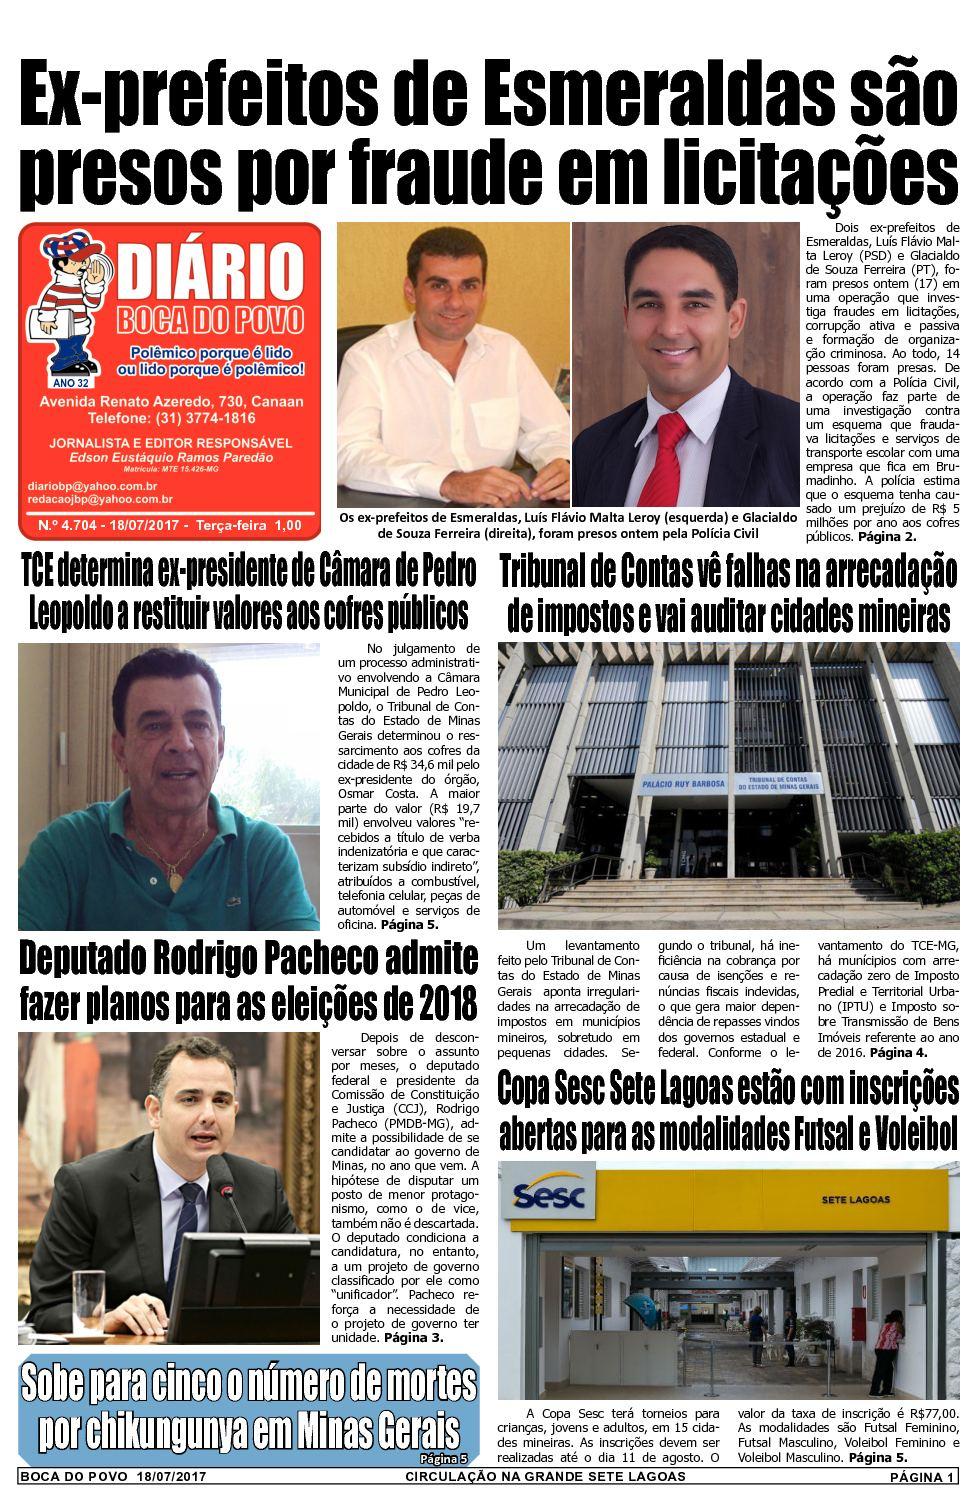 Calaméo - Jornal Diário Boca do Povo de terça-feira dia 18 de julho de 2017 b5ae4ae103